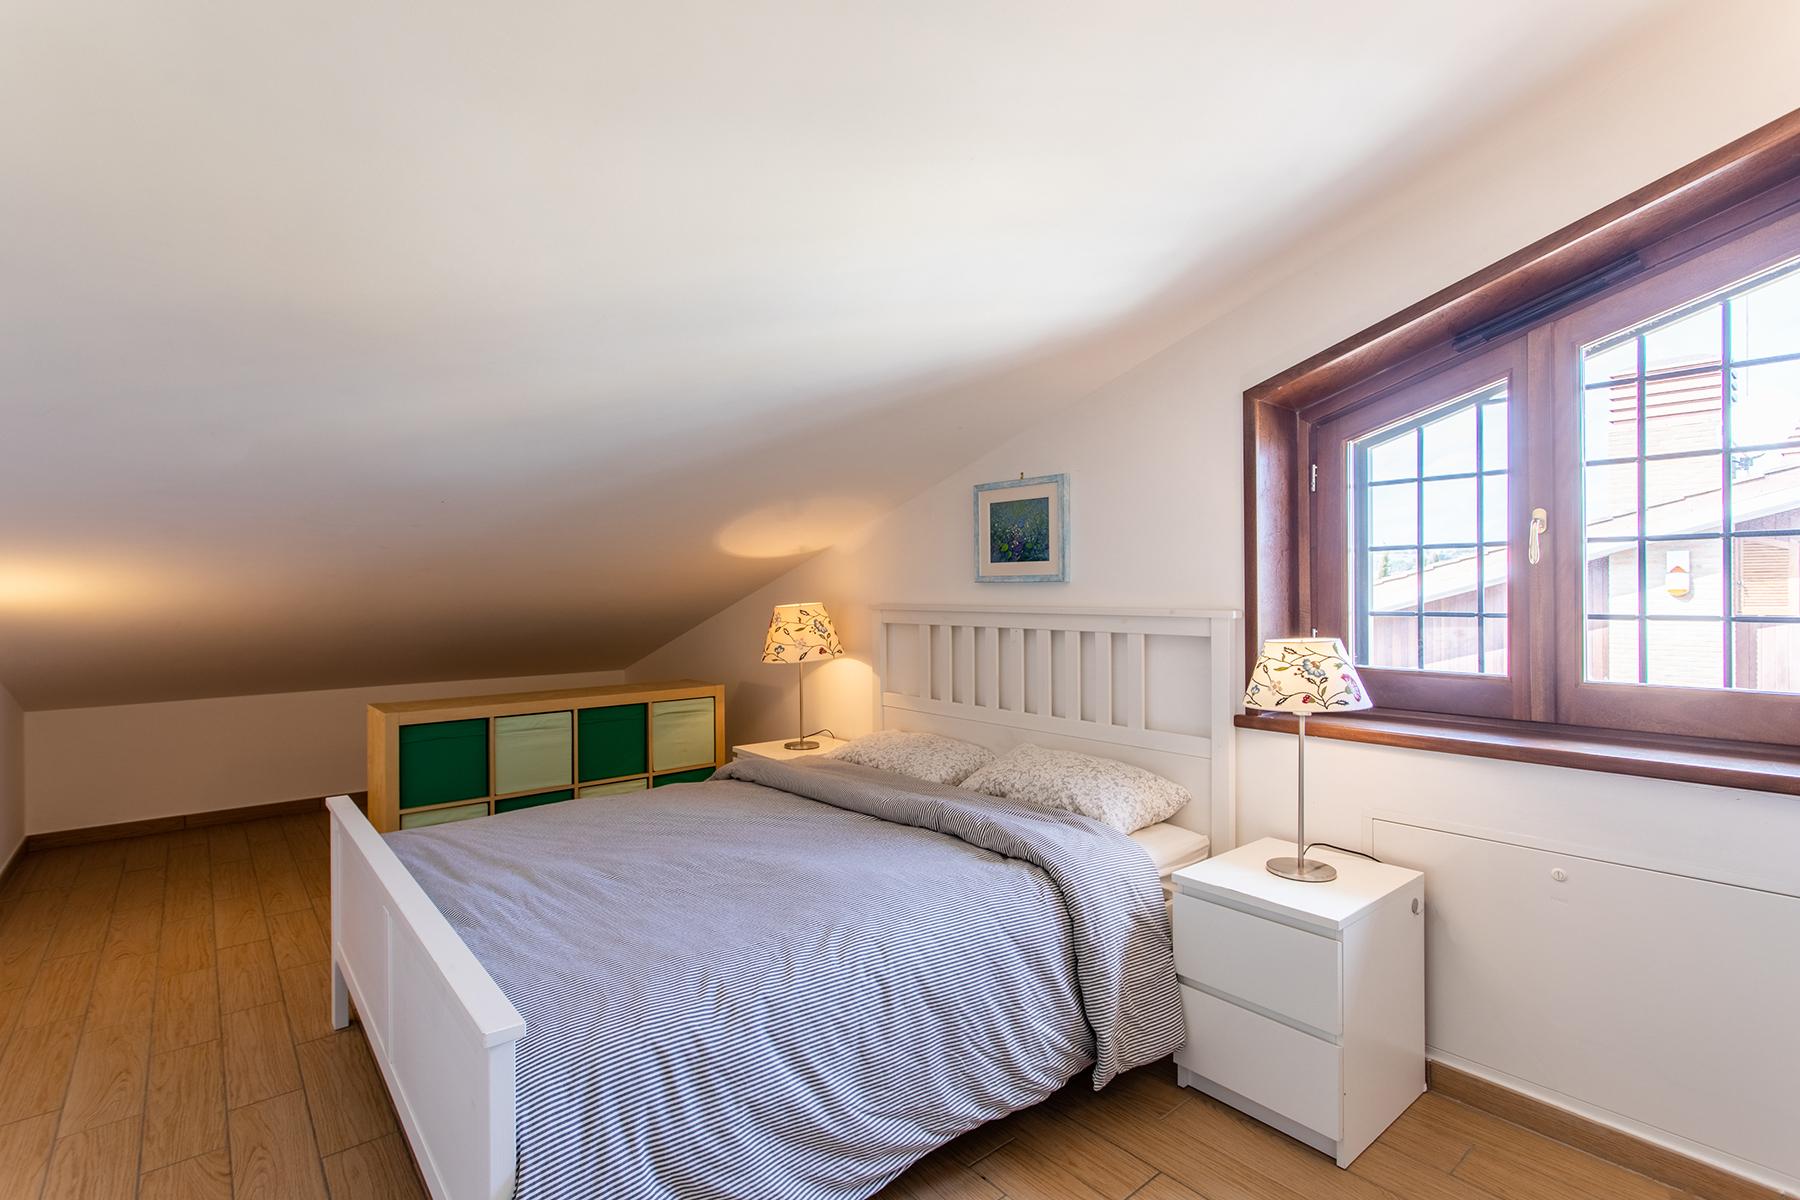 Villa in Vendita a Bracciano: 5 locali, 215 mq - Foto 9